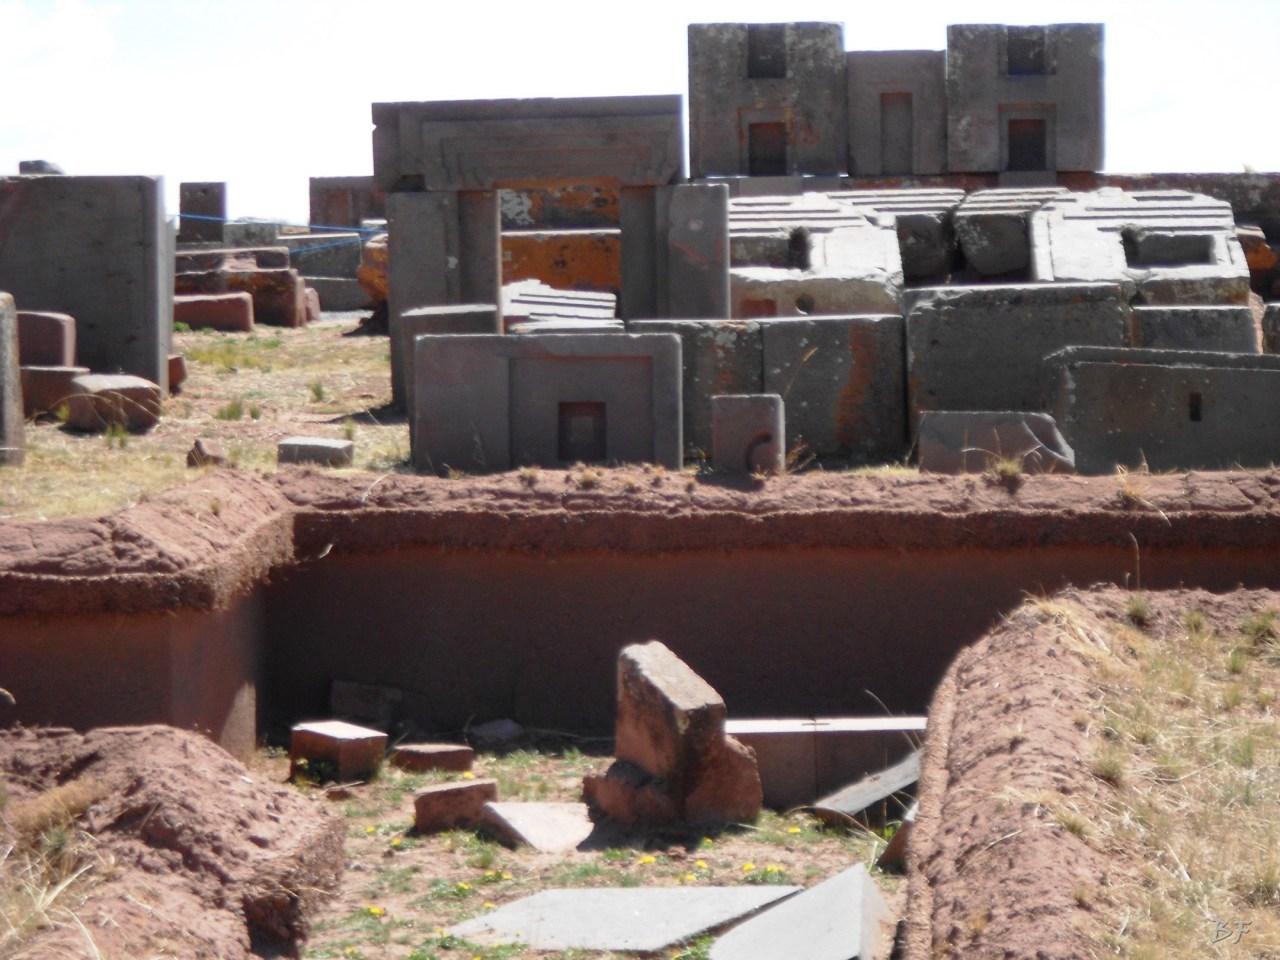 Puma-Punku-Area-Megalitica-Mura-Poligonali-Megaliti-Tiwanaku-Tiahuanaco-Bolivia-59